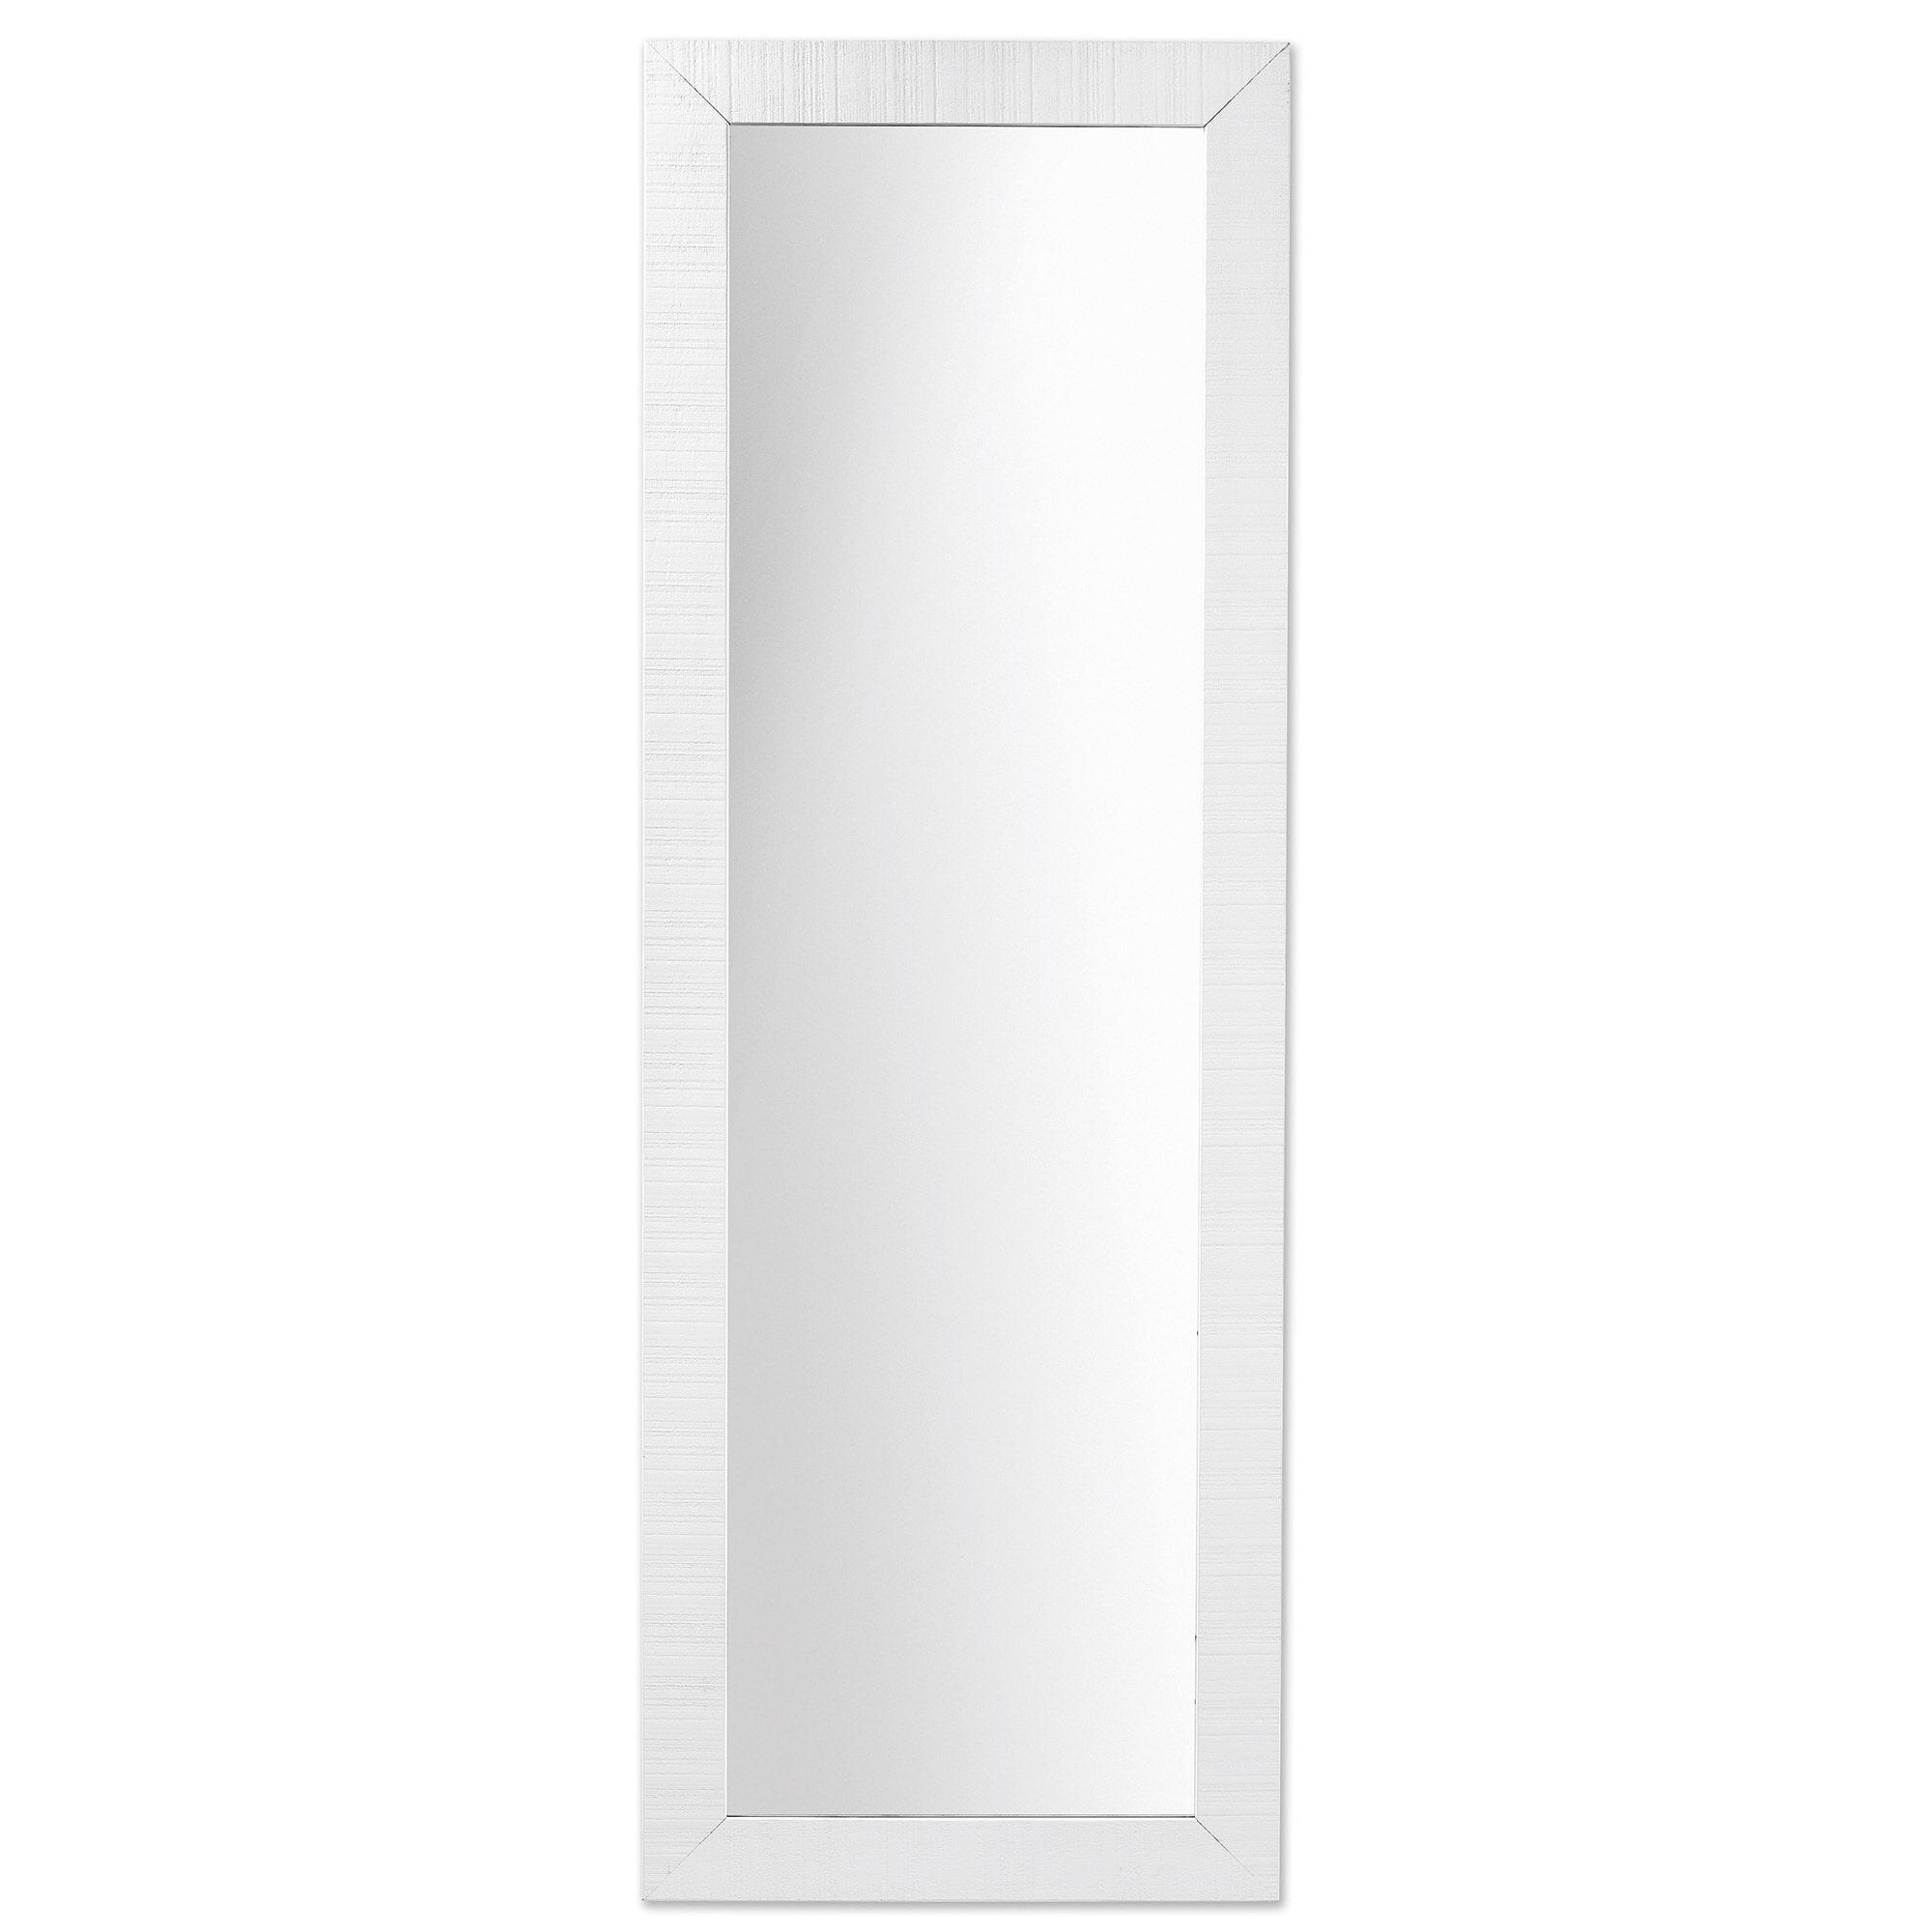 Kave Home Spiegel 'Seven', 152 x 52cm, kleur wit